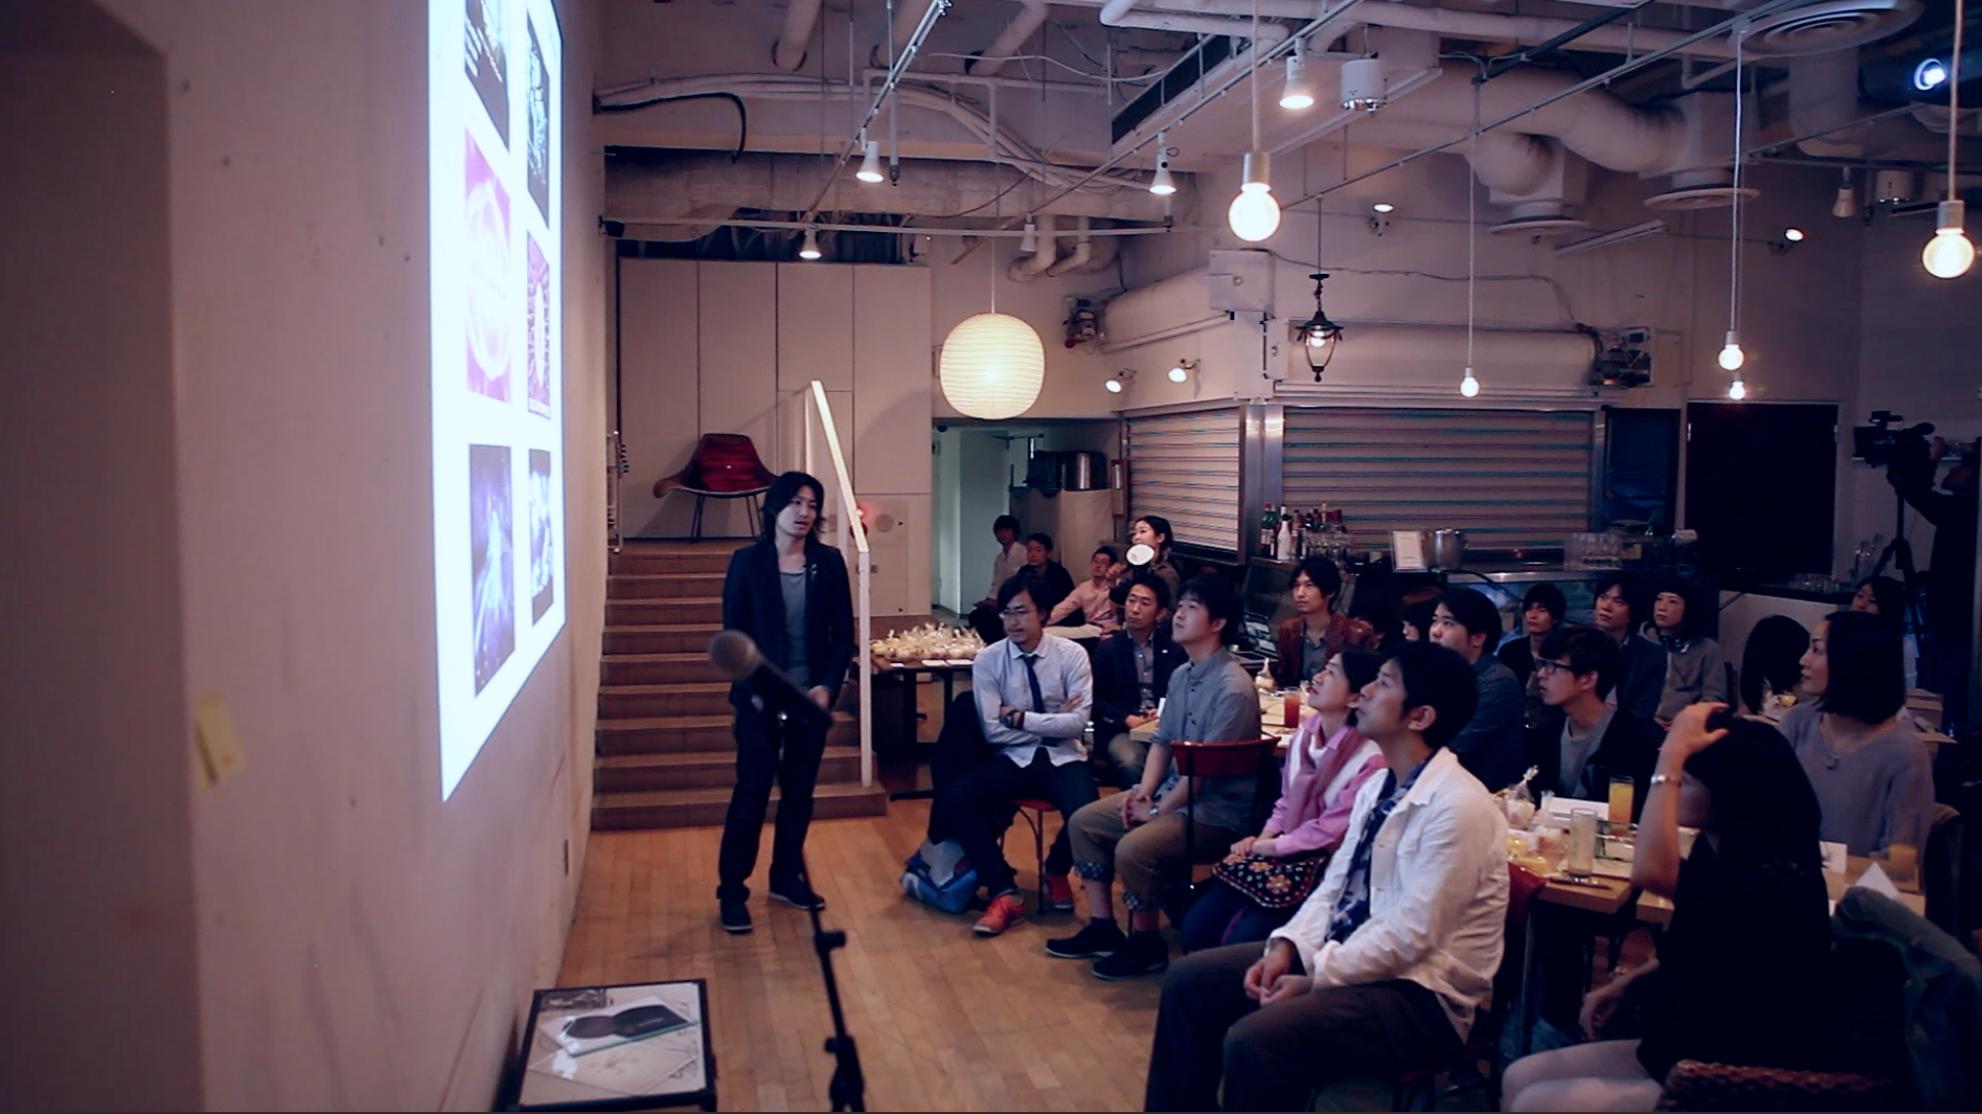 渋谷に挑戦する人の活動を加速させる場(バー)を創ります!